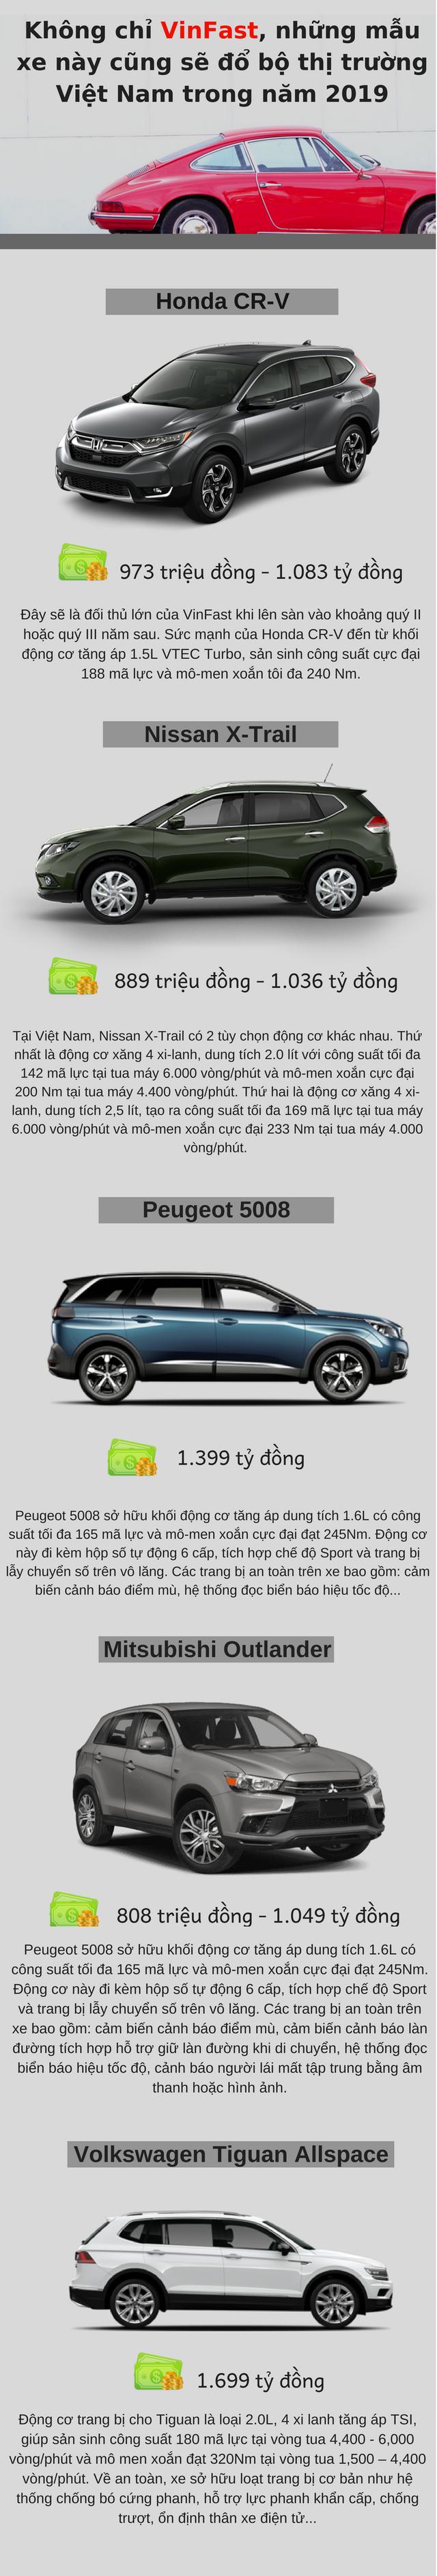 Không chỉ VinFast những mẫu xe này cũng sẽ đổ bộ thị trường Việt Nam trong năm 2019 - Ảnh 1.